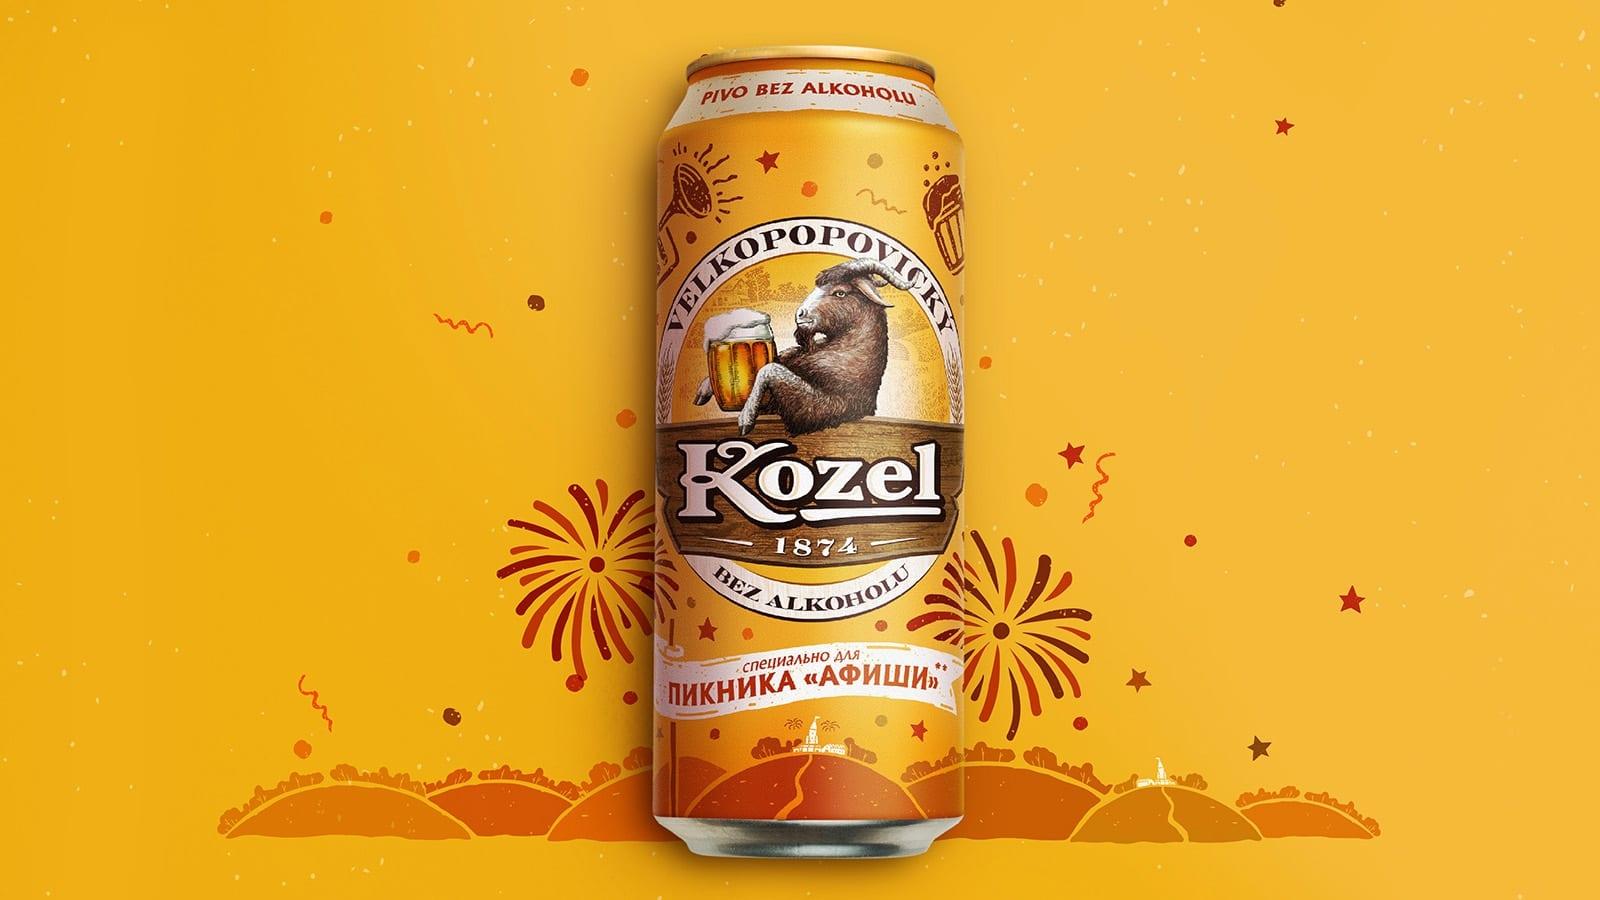 Velkopopovicky Kozel Limited 06 - Limitovaná edice Velkopopovického Kozla pro festival Afisha